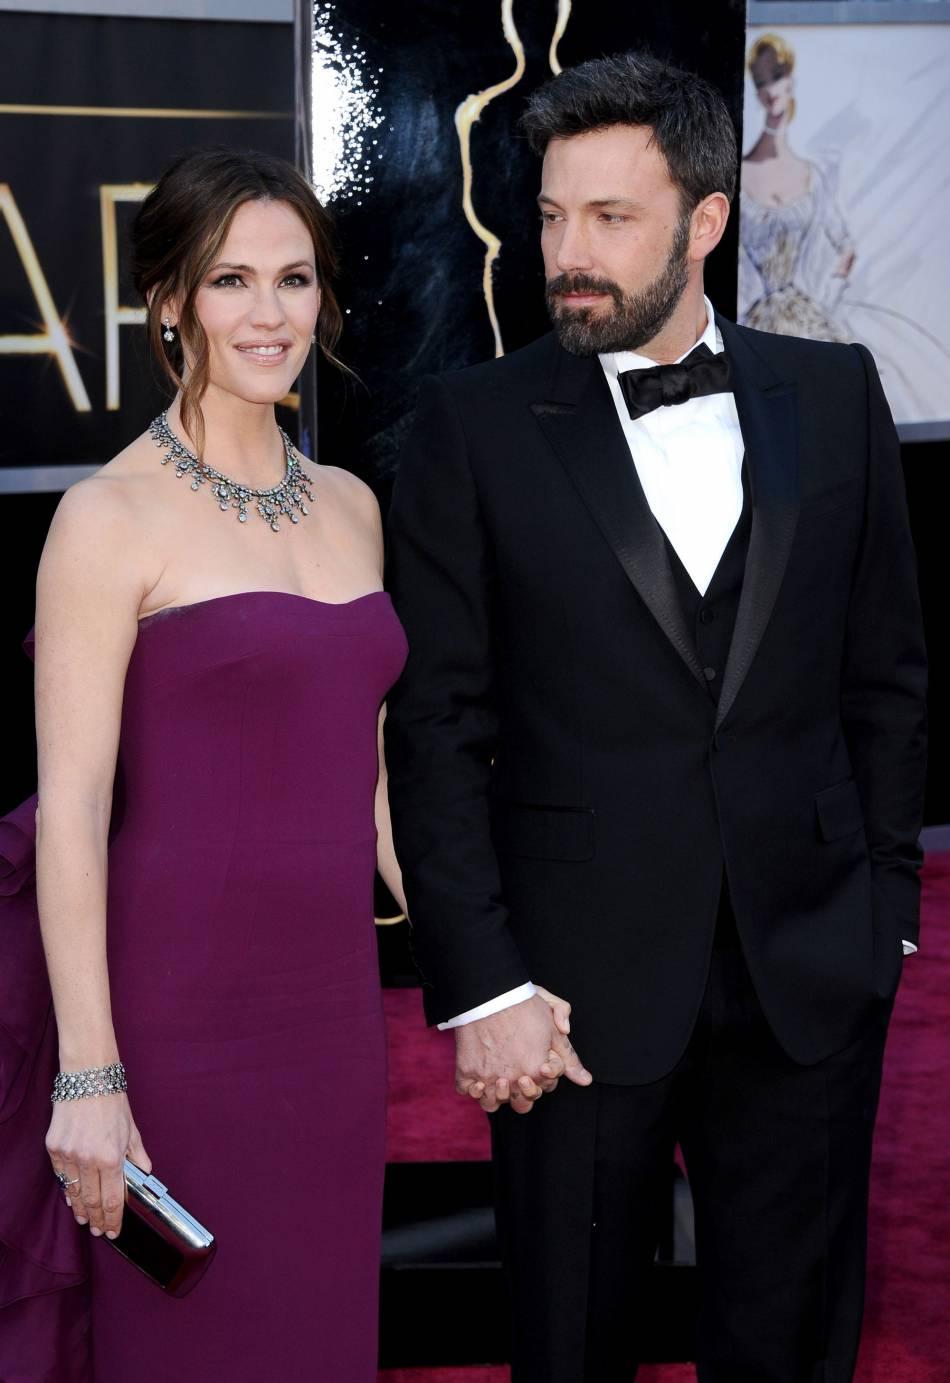 Après leur séparation l'année dernière, Ben Affleck et Jennifer Garner sont restés assez proches.